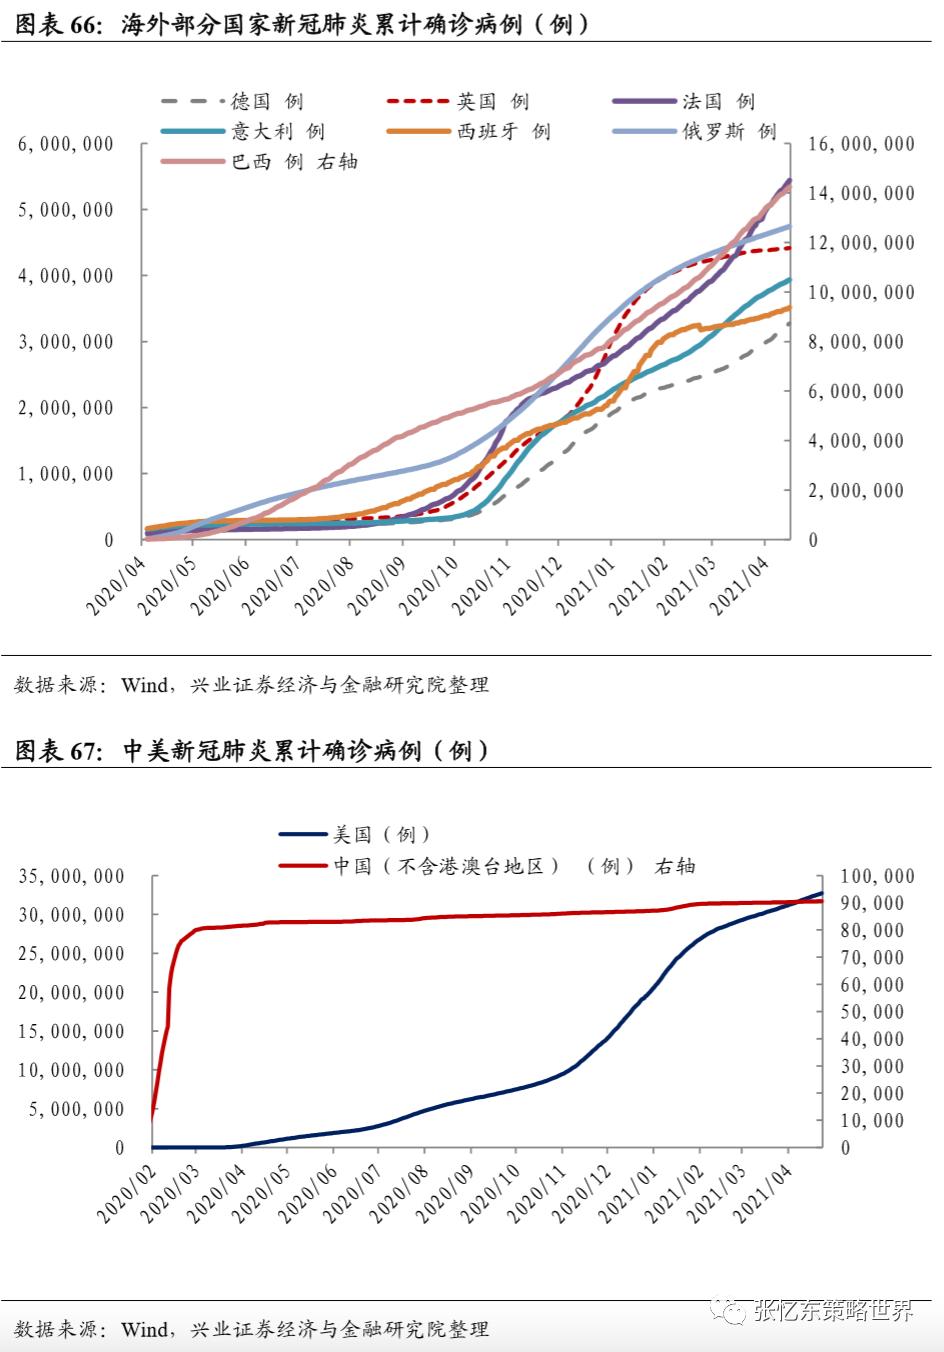 《【鹿鼎官网】兴证张忆东团队:大宗商品行情延续》